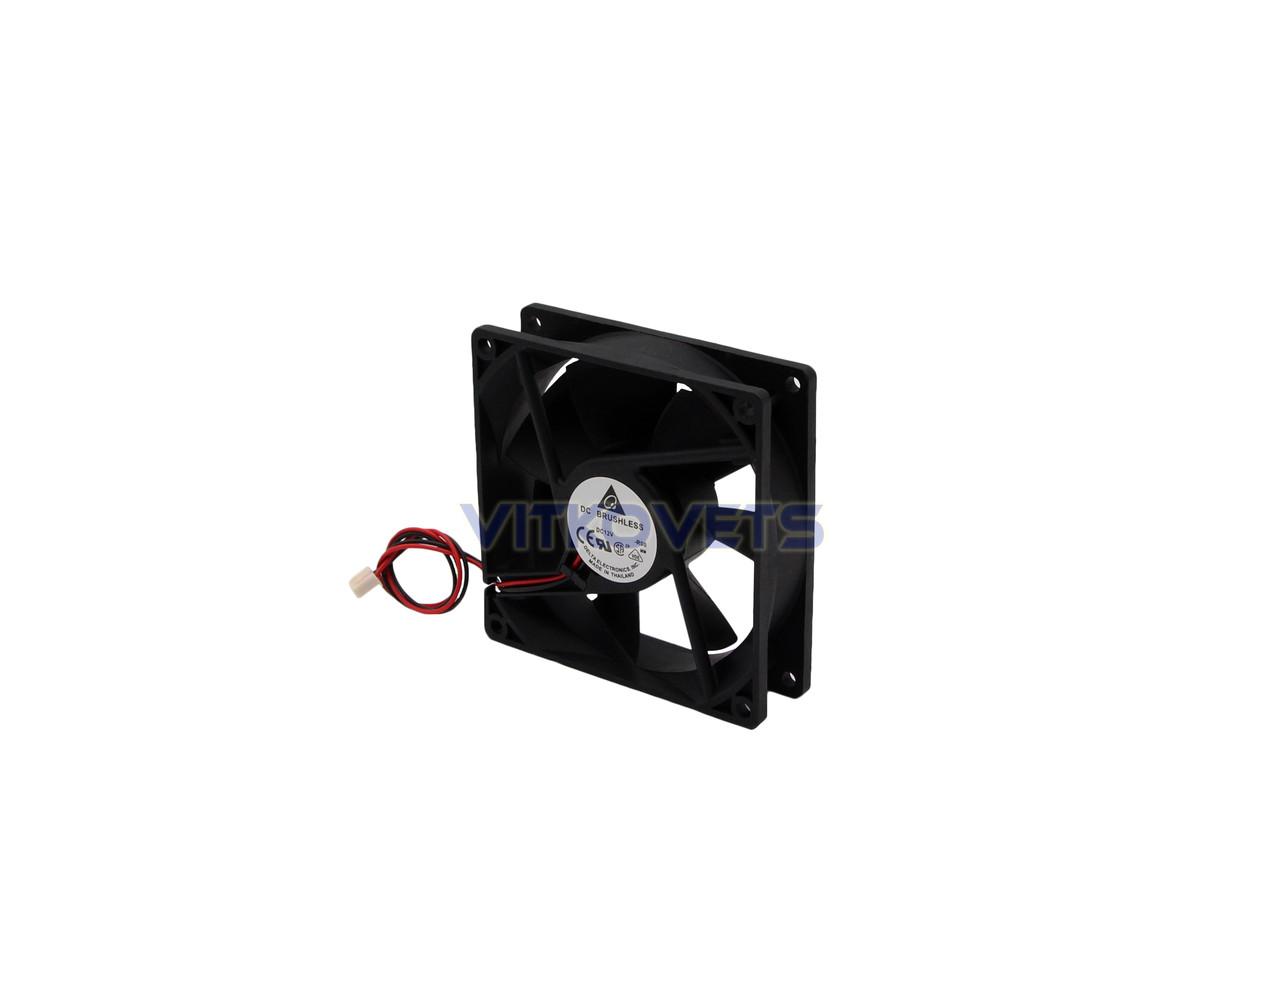 Вентилятор (кулер) 92х92, 12V, 0.12A (2 pin)